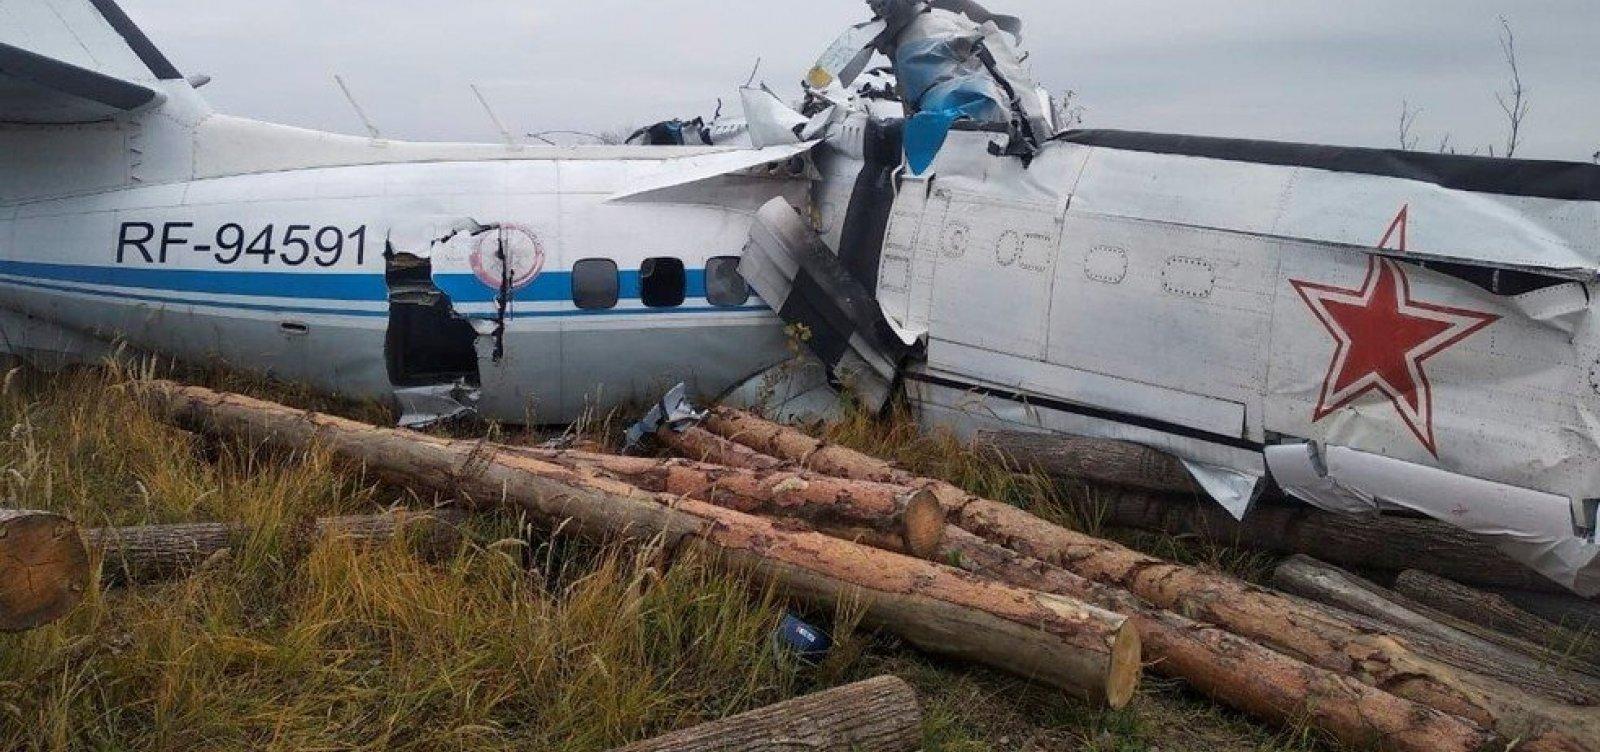 Queda de avião na Rússia deixa 16 pessoas mortas e seis gravemente feridas